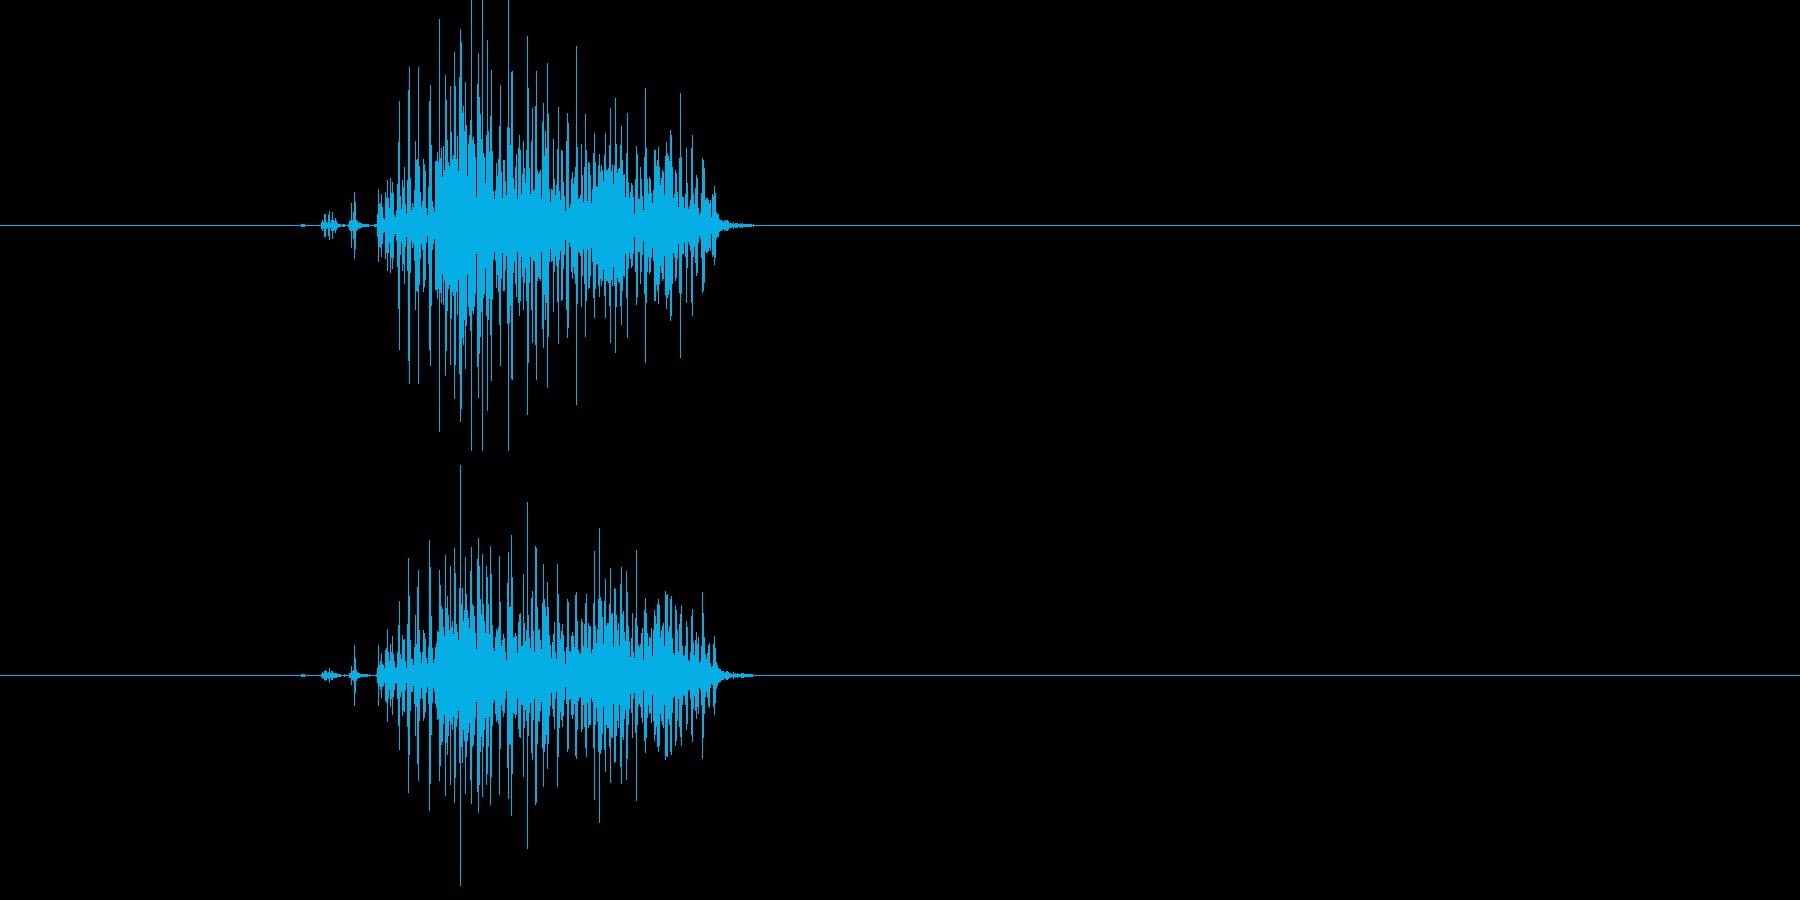 ジー!虫のような何かが動く音の再生済みの波形